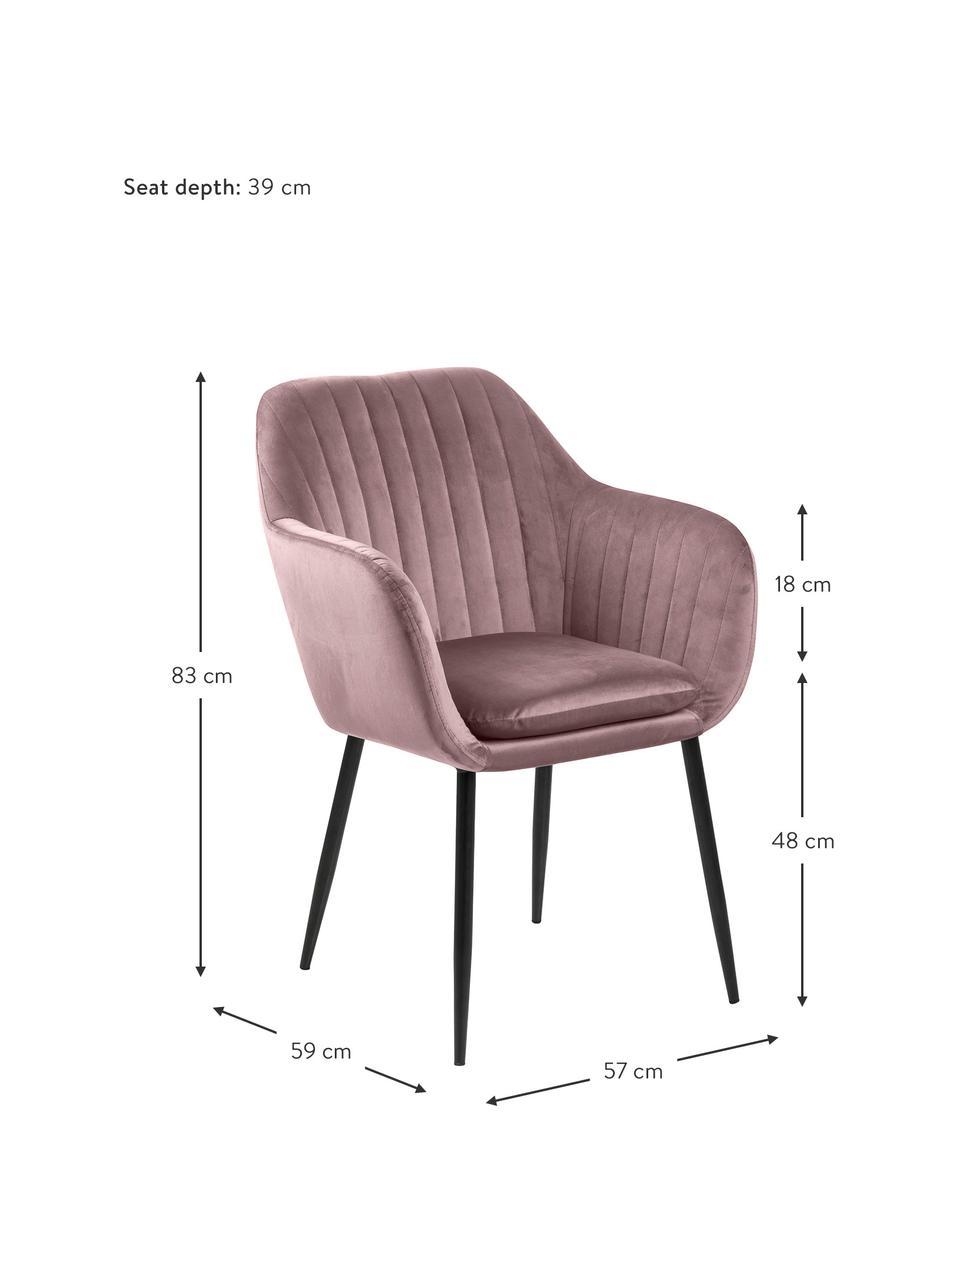 Samt-Armlehnstuhl Emilia mit Metallbeinen, Bezug: Polyestersamt Der hochwer, Beine: Metall, lackiert, Samt Rosa, Beine Schwarz, B 57 x T 59 cm